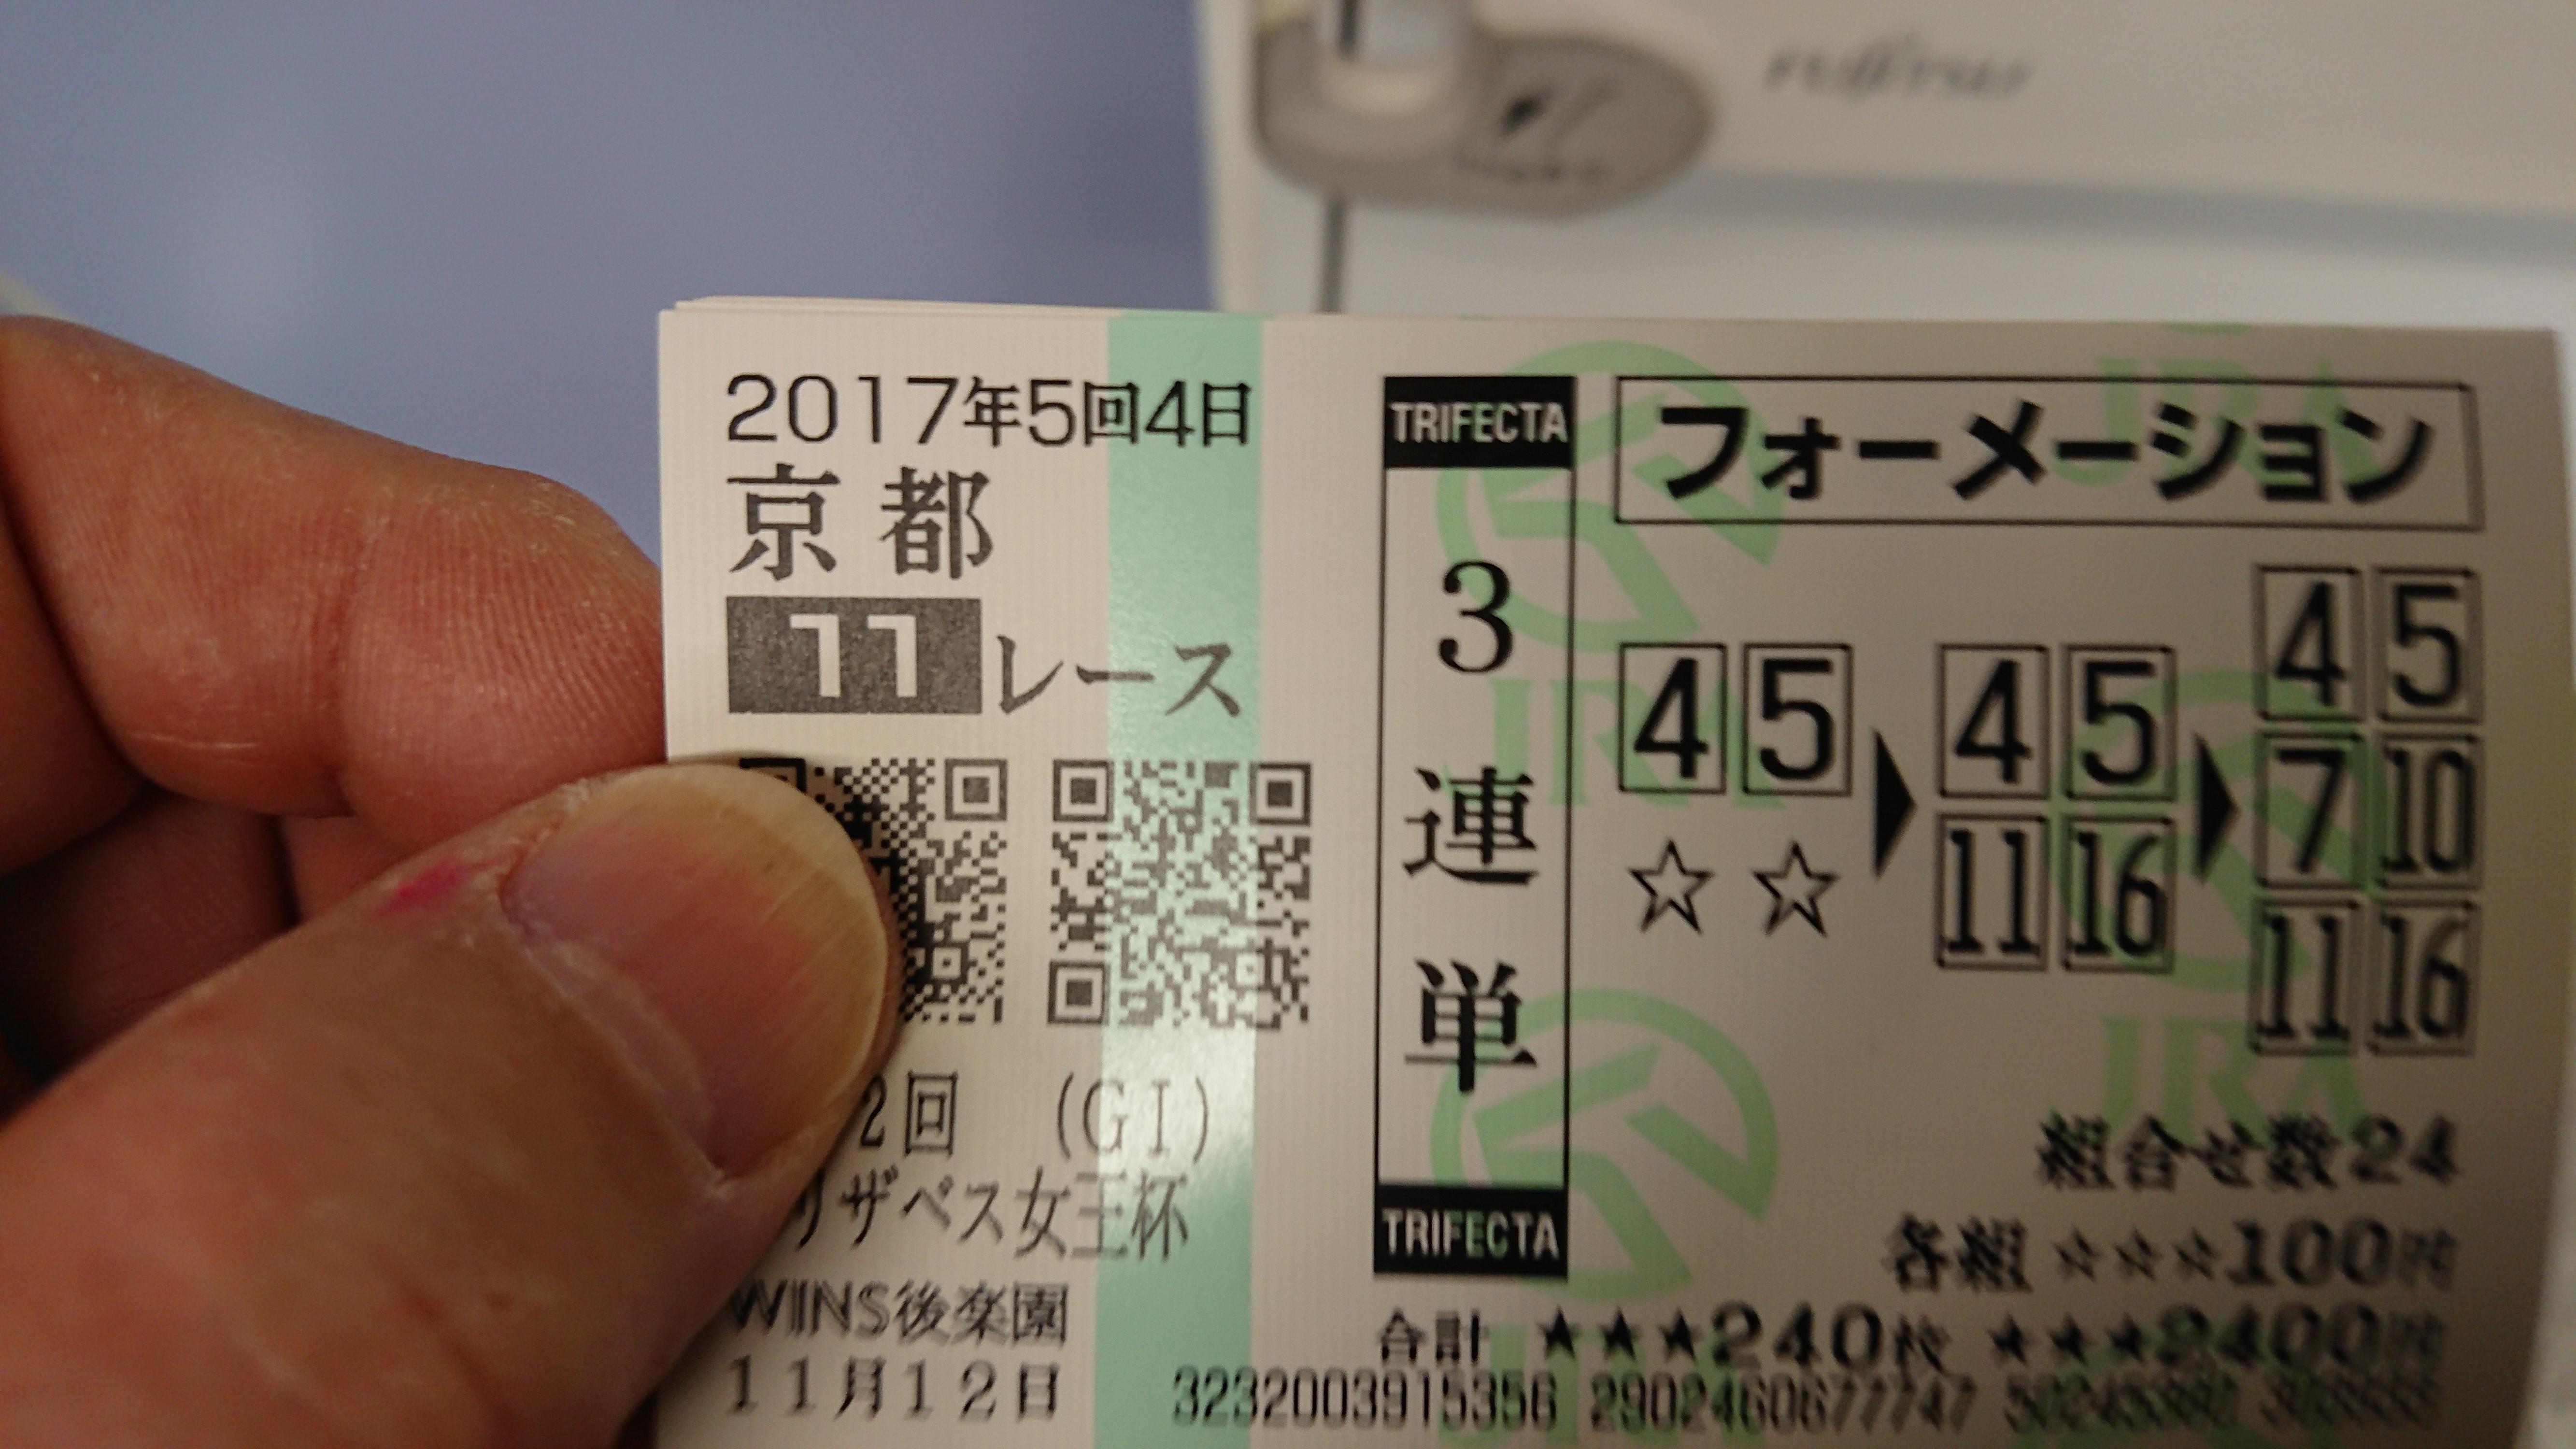 20171112211220961.jpg